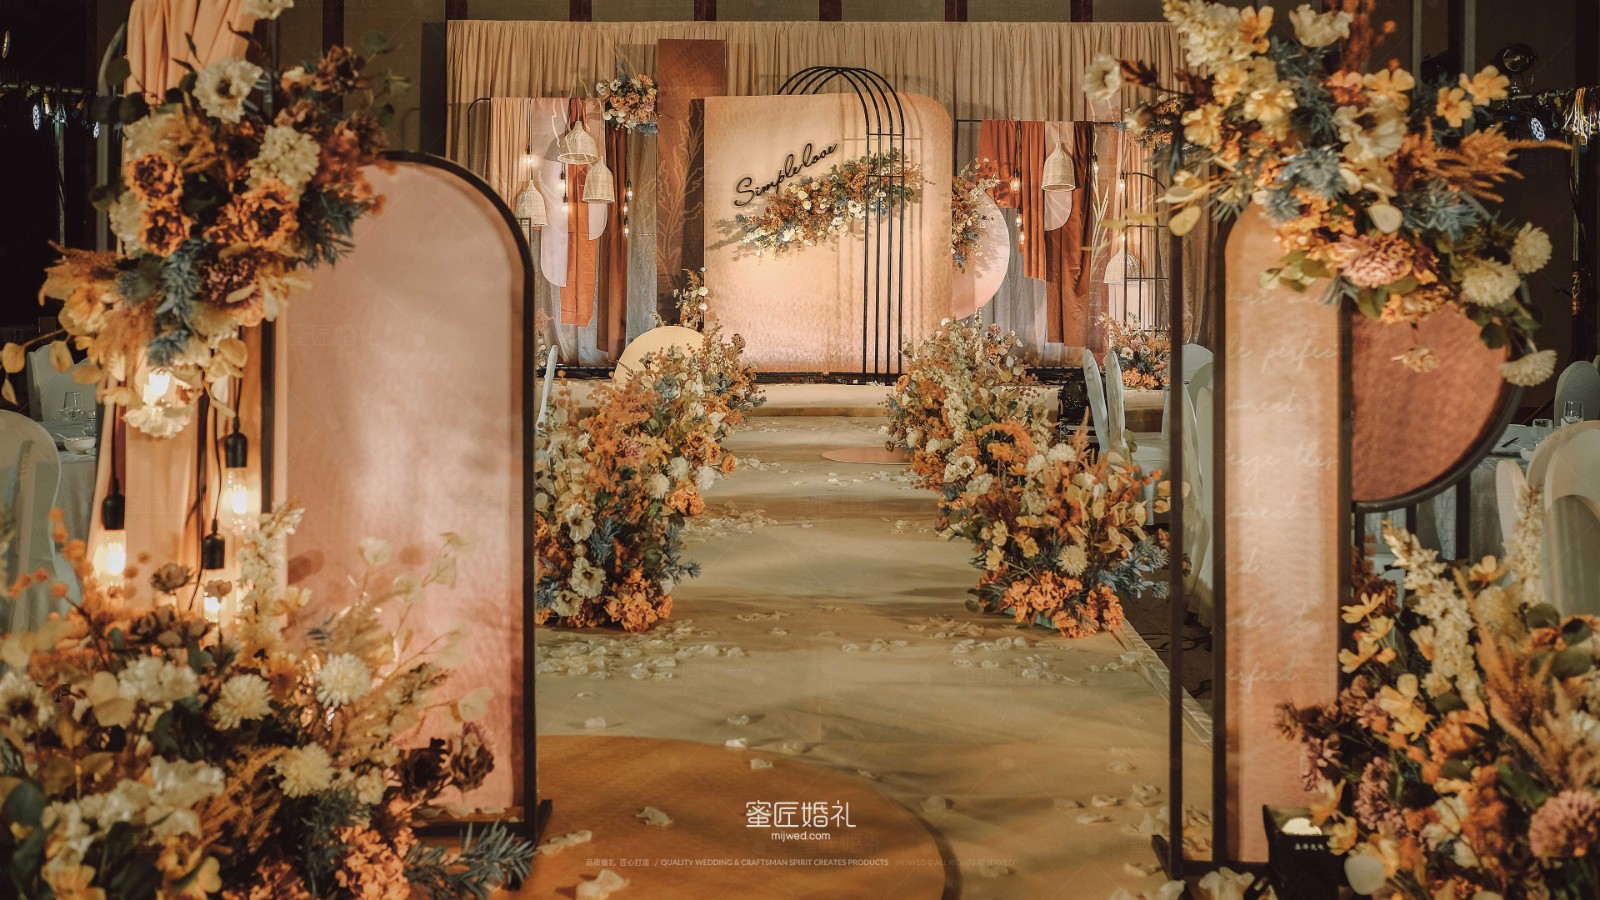 曲阳草坪婚礼价格一览表 曲阳草坪婚礼要多少钱